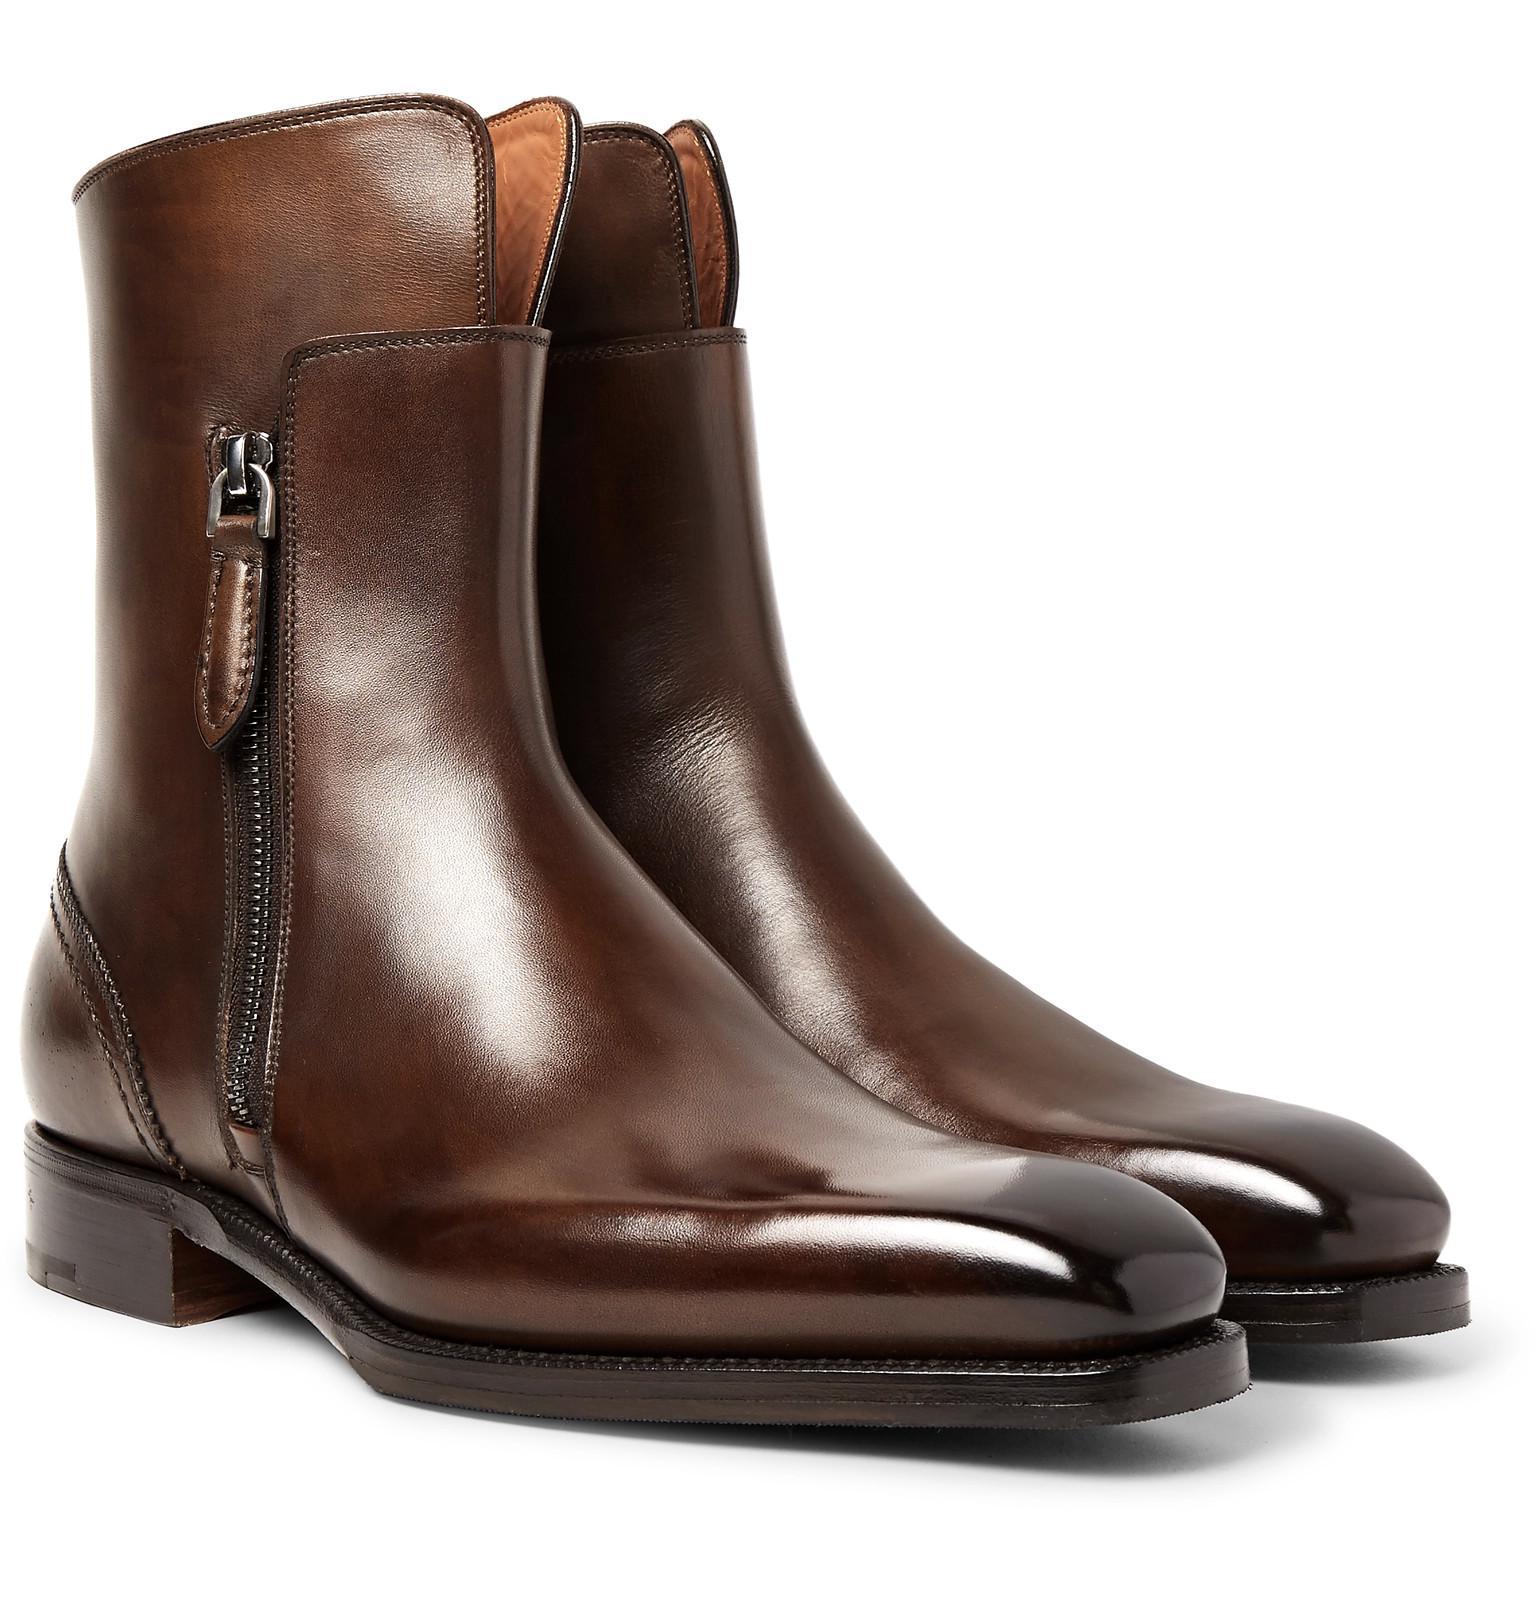 Ermenegildo Zegna Polished-leather